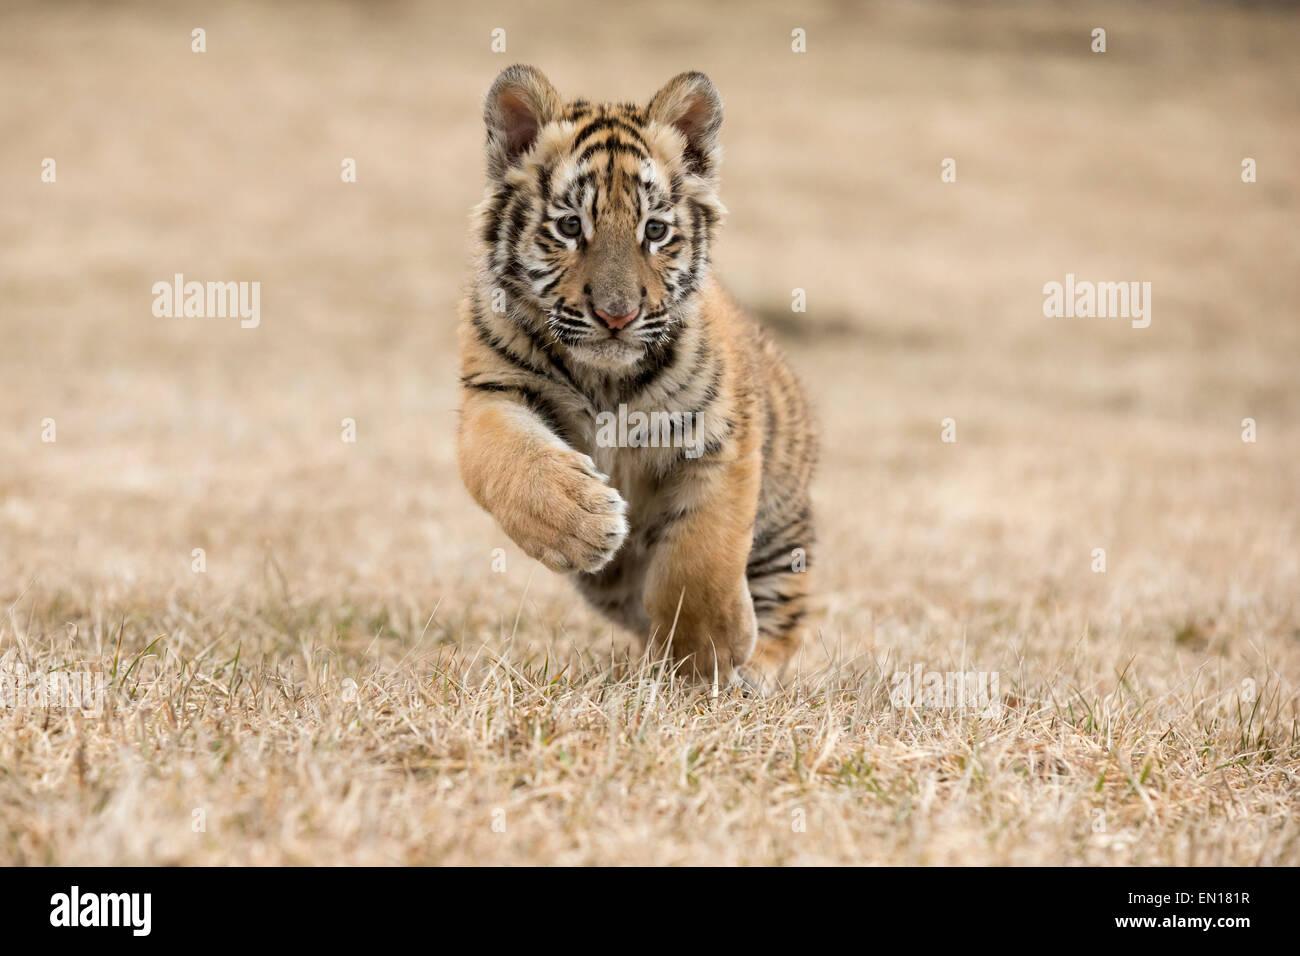 Siberian Tiger (Panthera Tigris Altaica) cub running through the grass - Stock Image